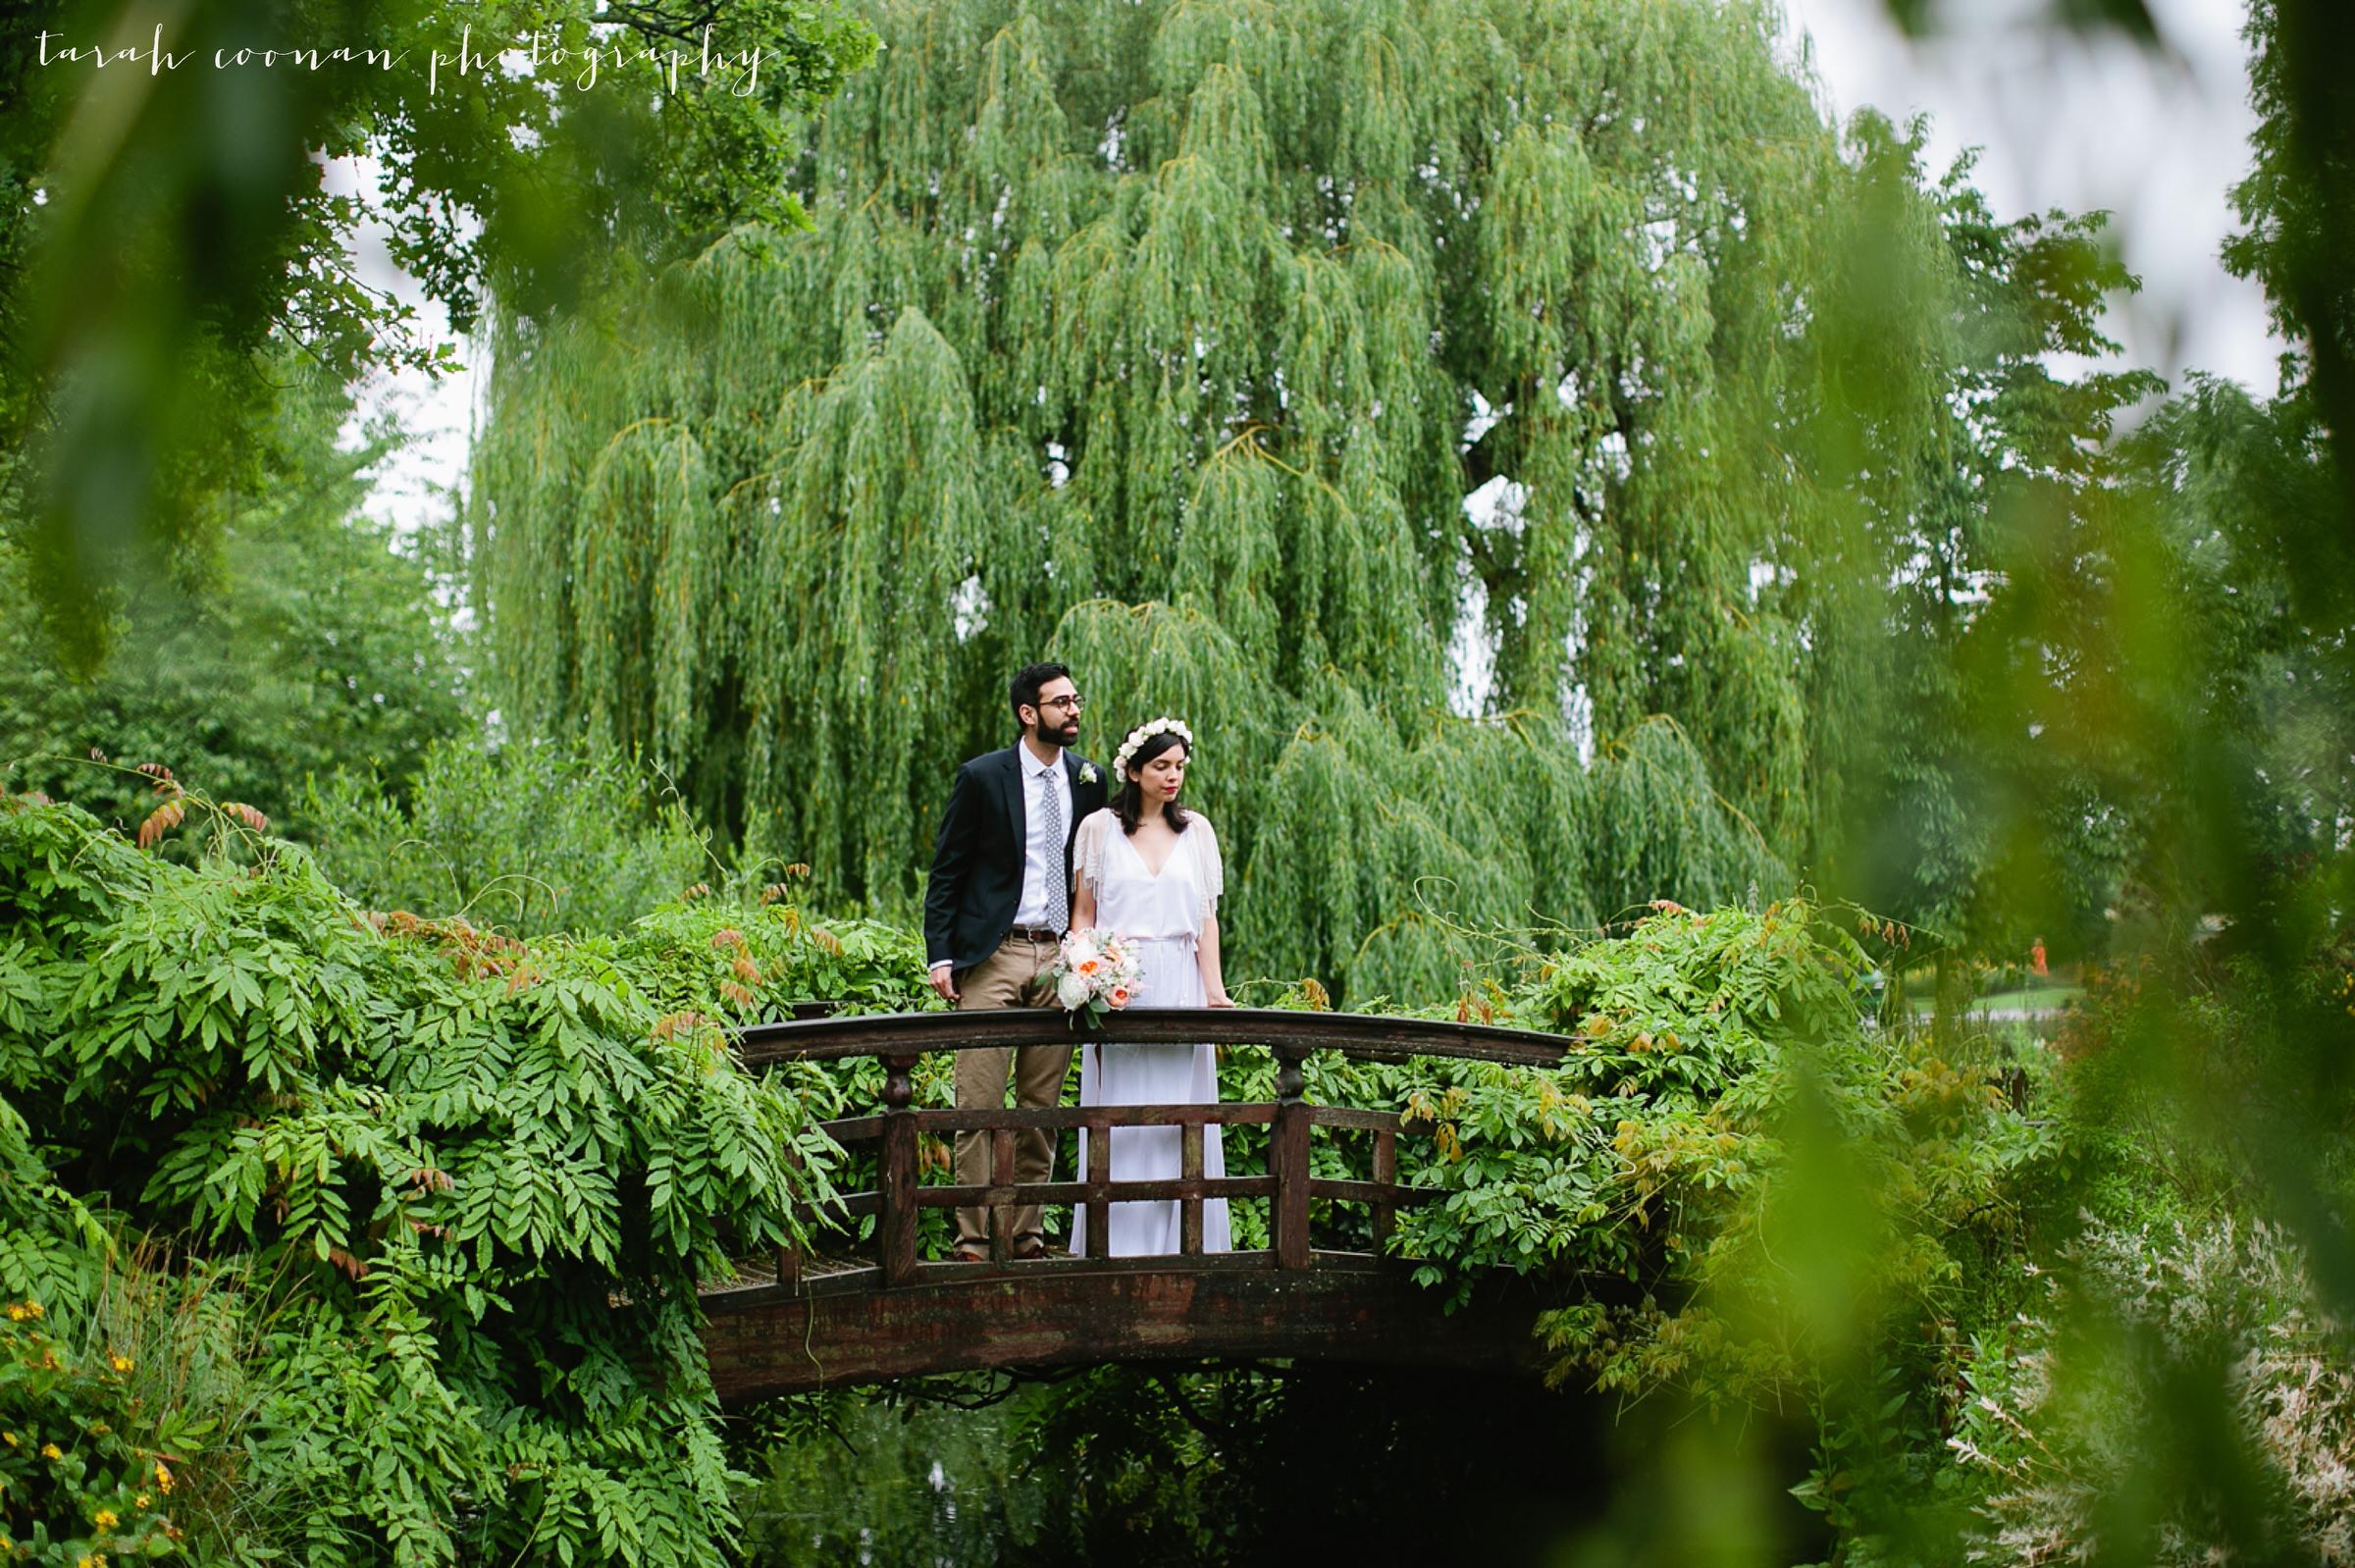 romantic bridge photo